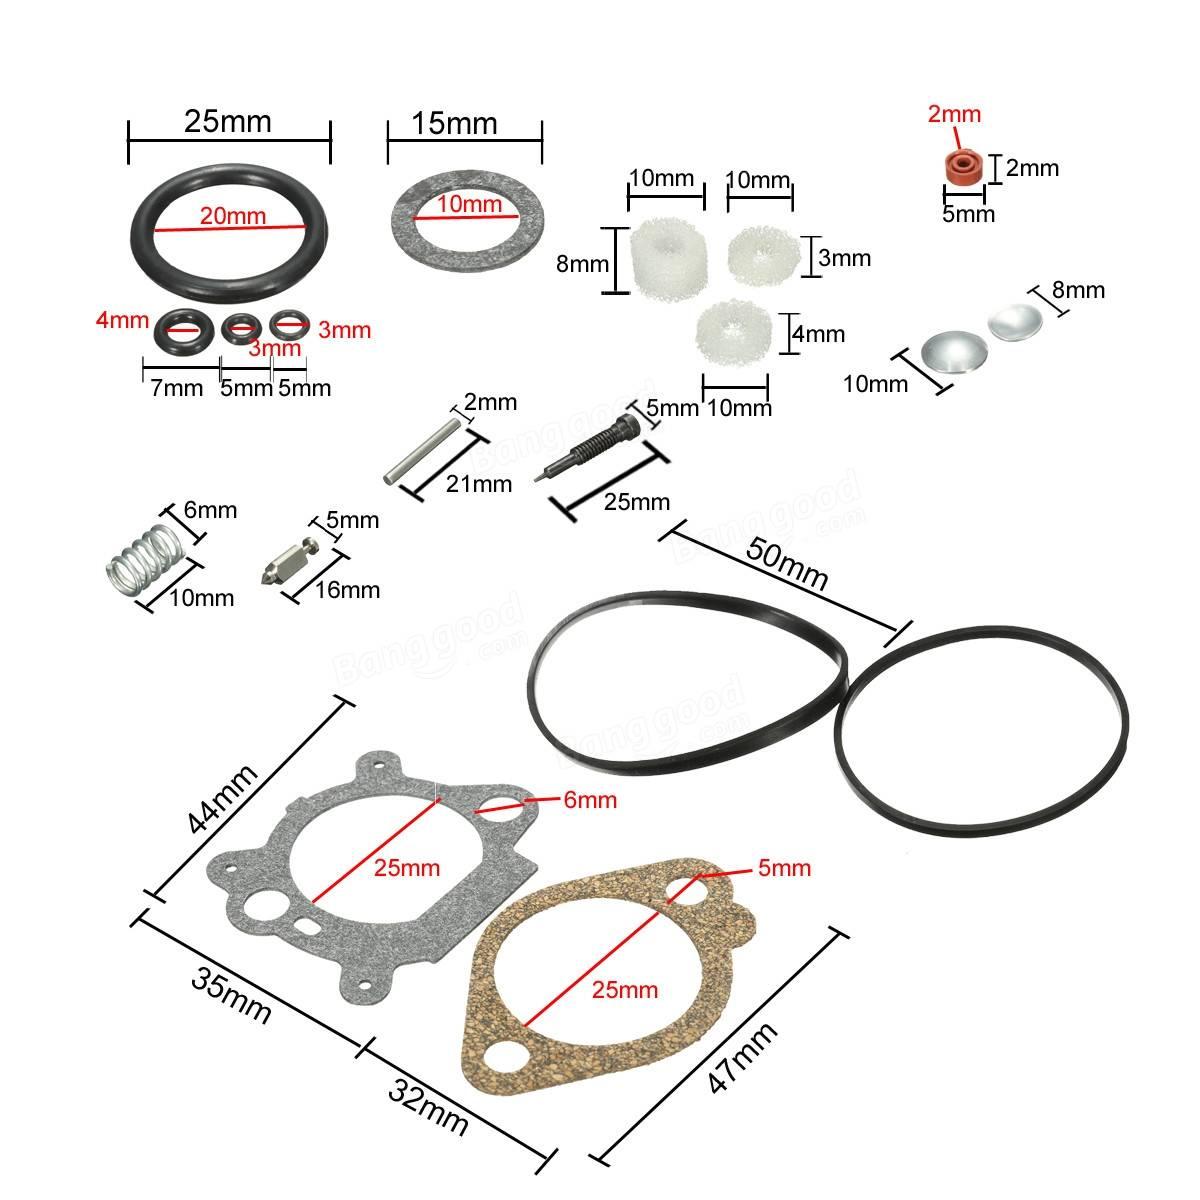 Carb Carburetor Rebuild Repair Kit For Briggs & Stratton